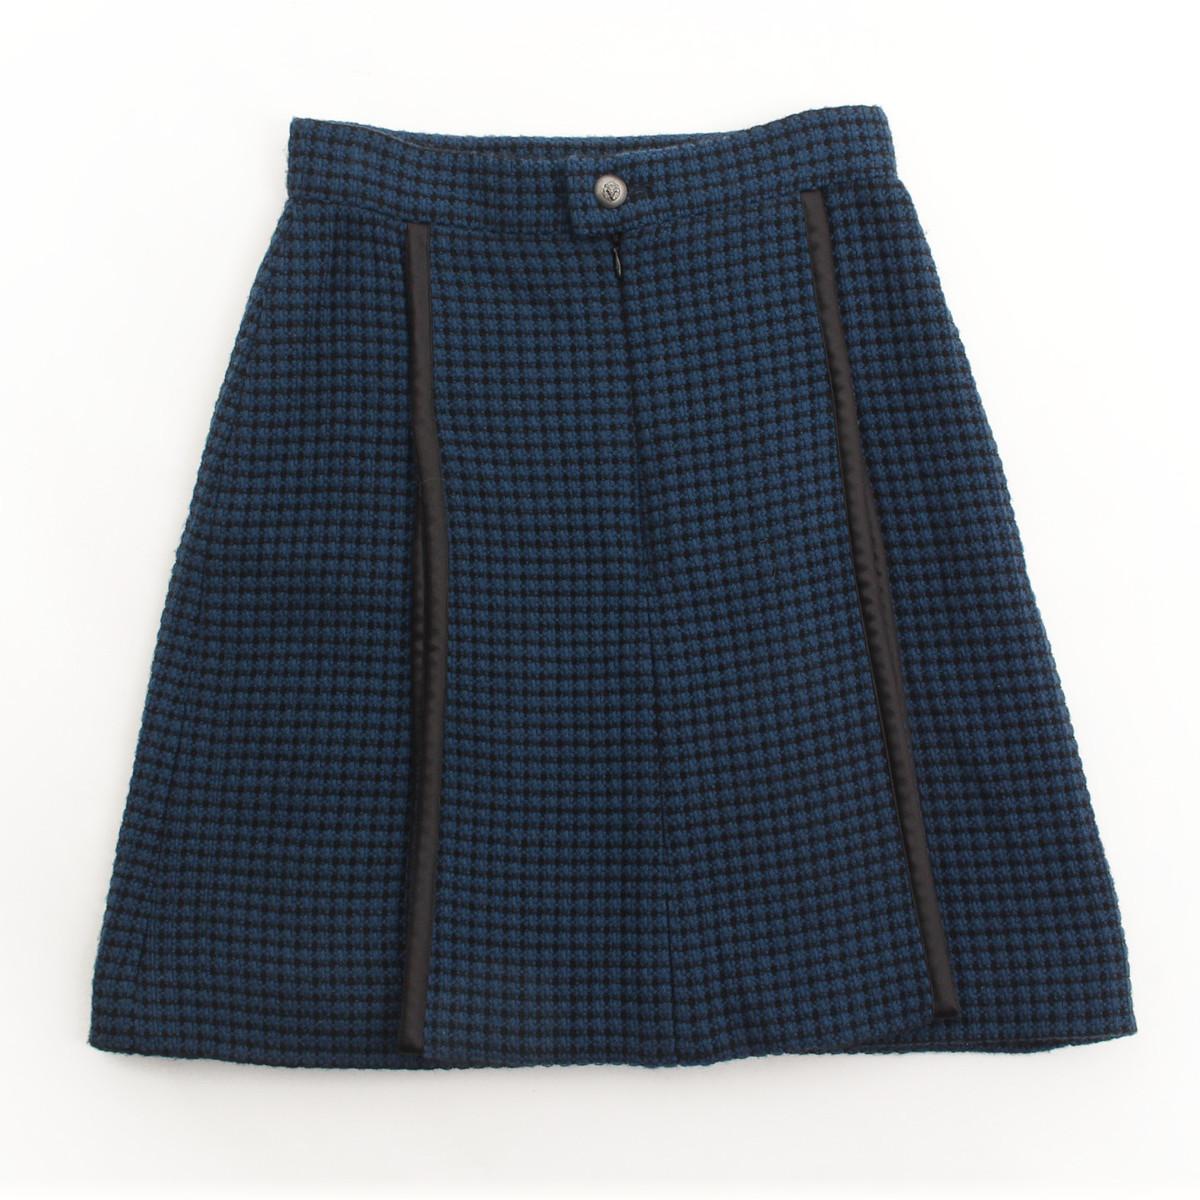 【シャネル】Chanel 08A ツイード ライオンボタン スカート ブルー 36 【中古】【鑑定済・正規品保証】【送料無料】31763